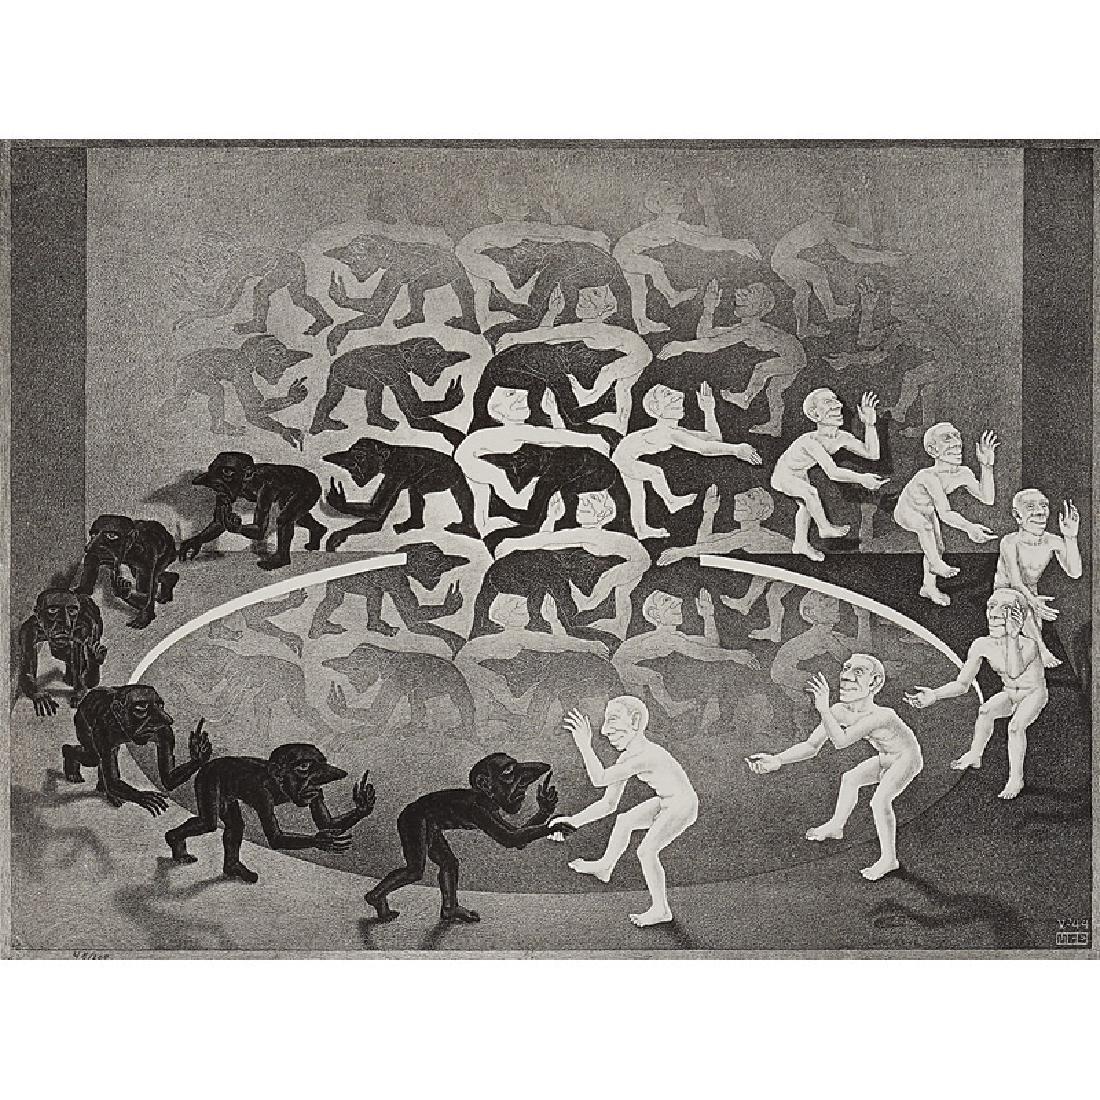 M.C. Escher (Dutch, 1898–1972)